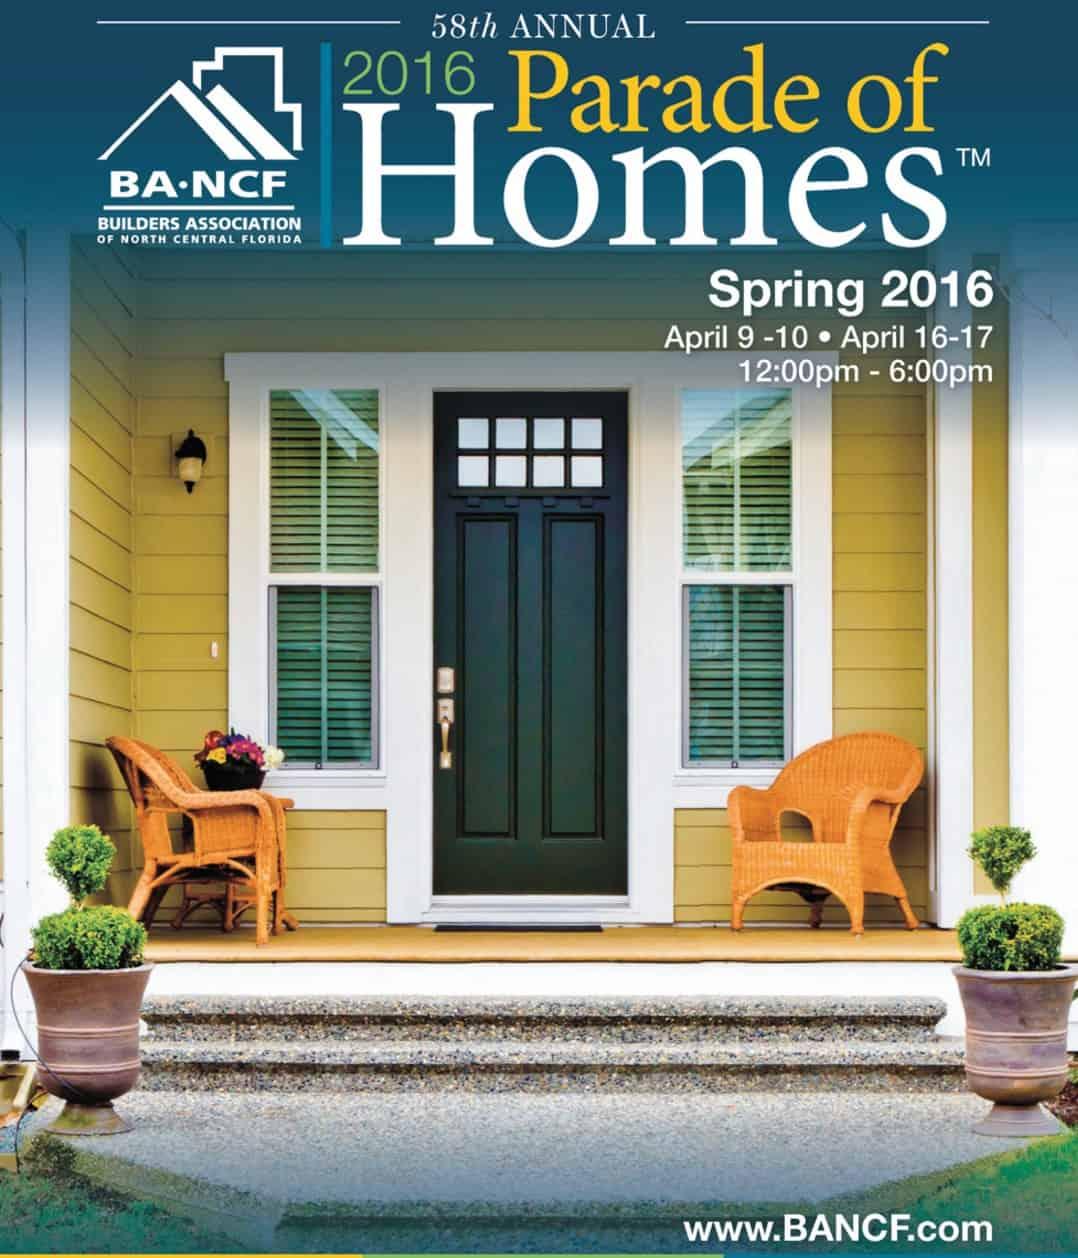 2016 Spring Parade of Homes